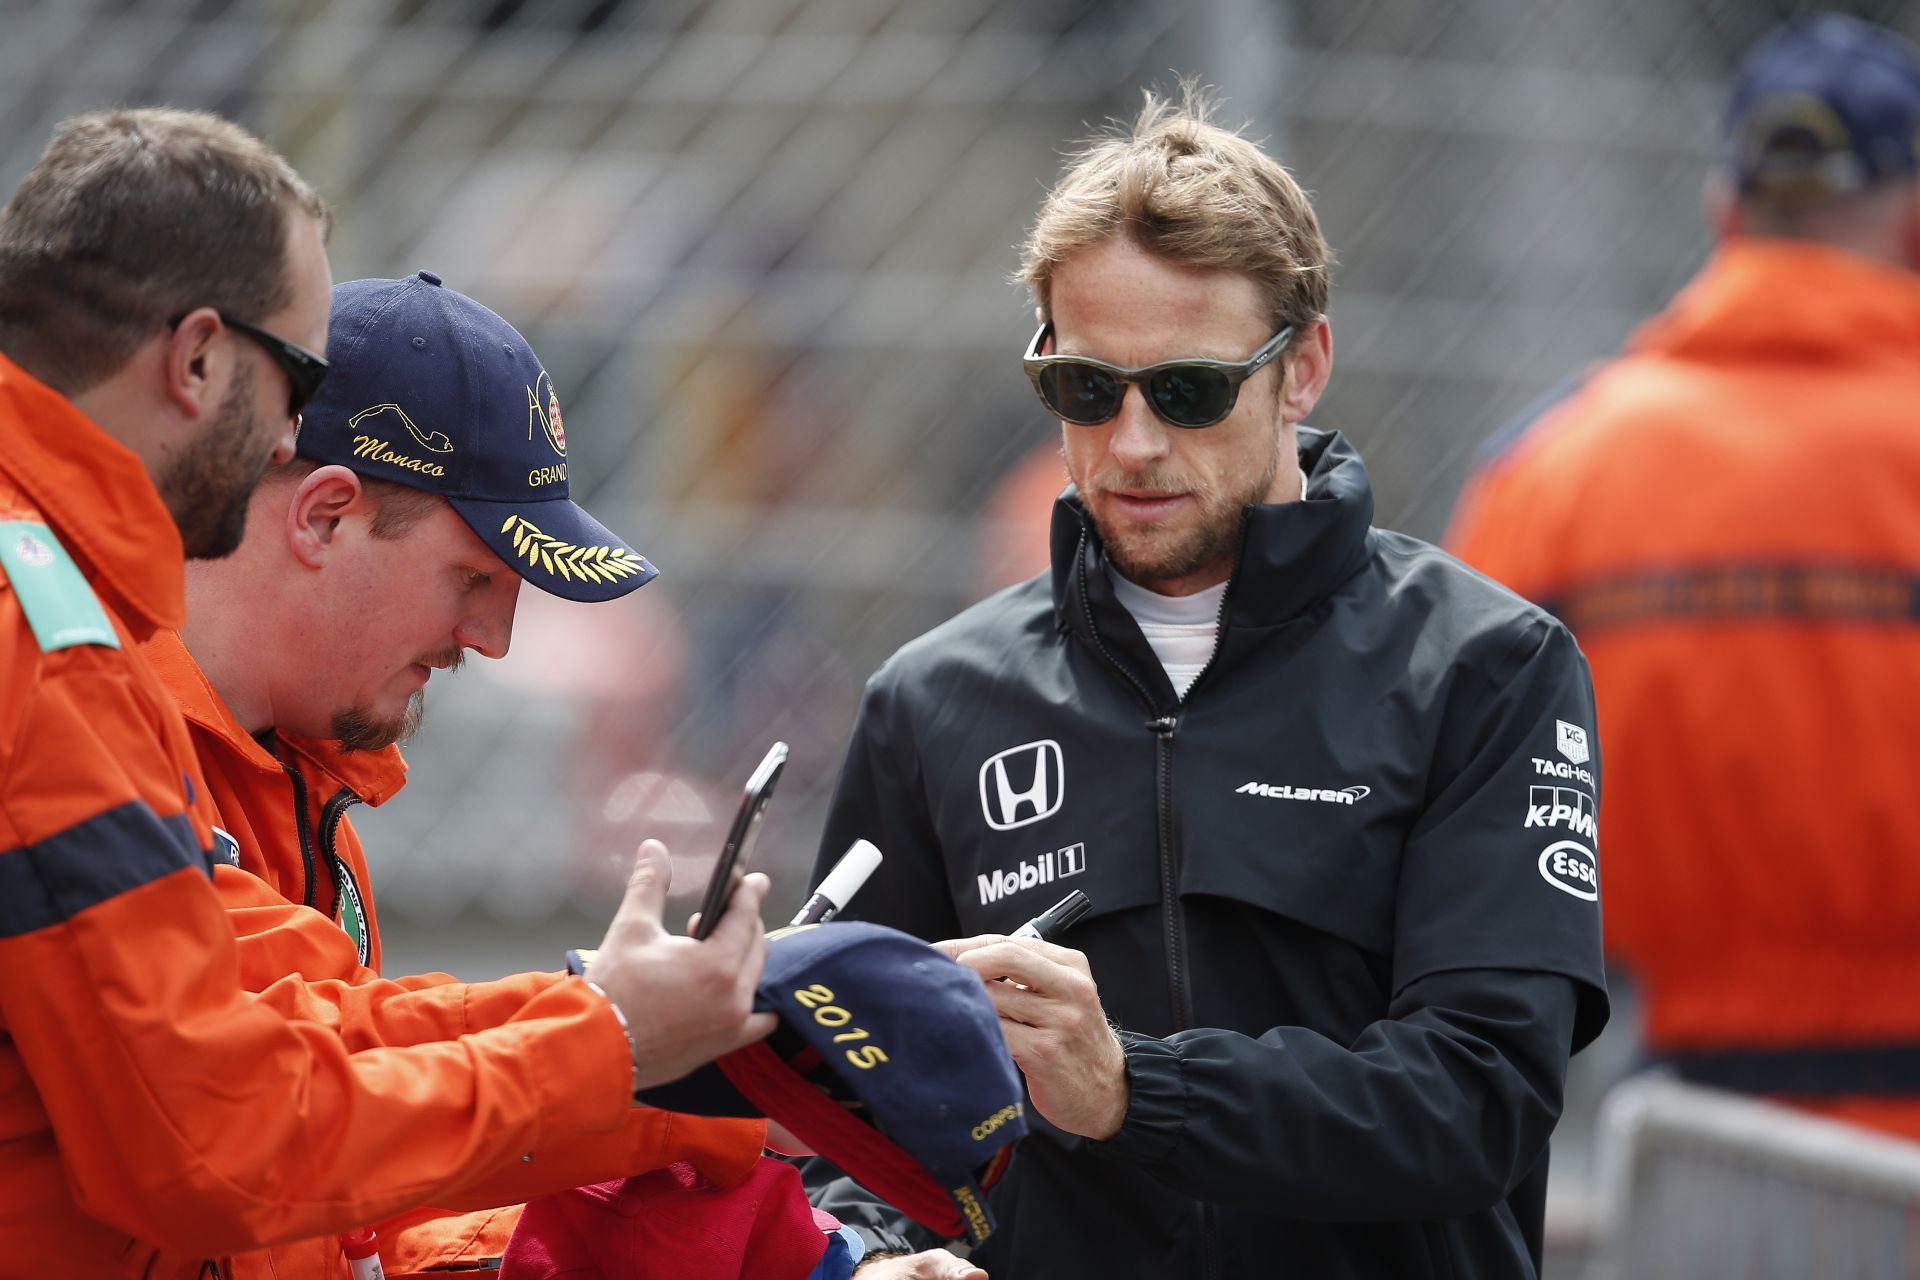 """Button mehet, Alonso mellé meg kerüljön be valami """"állat"""" fiatal"""